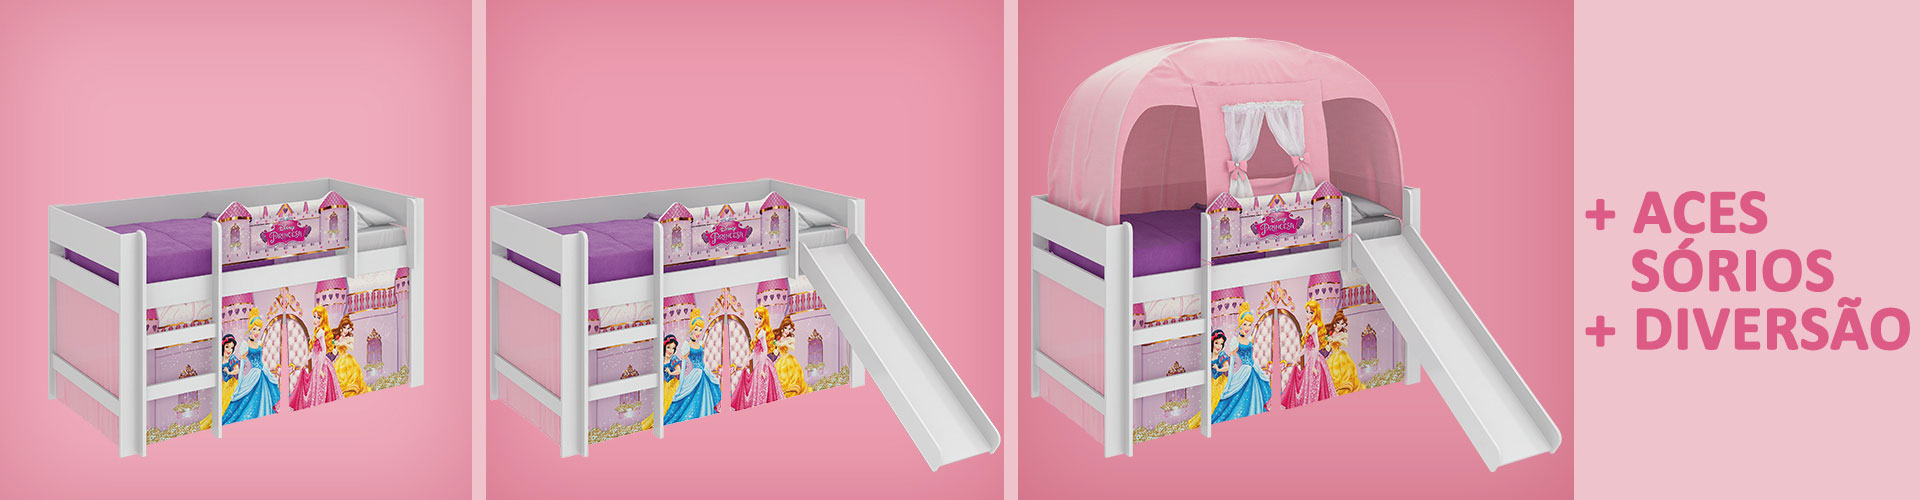 banner_acessorios_princesas-disney-play